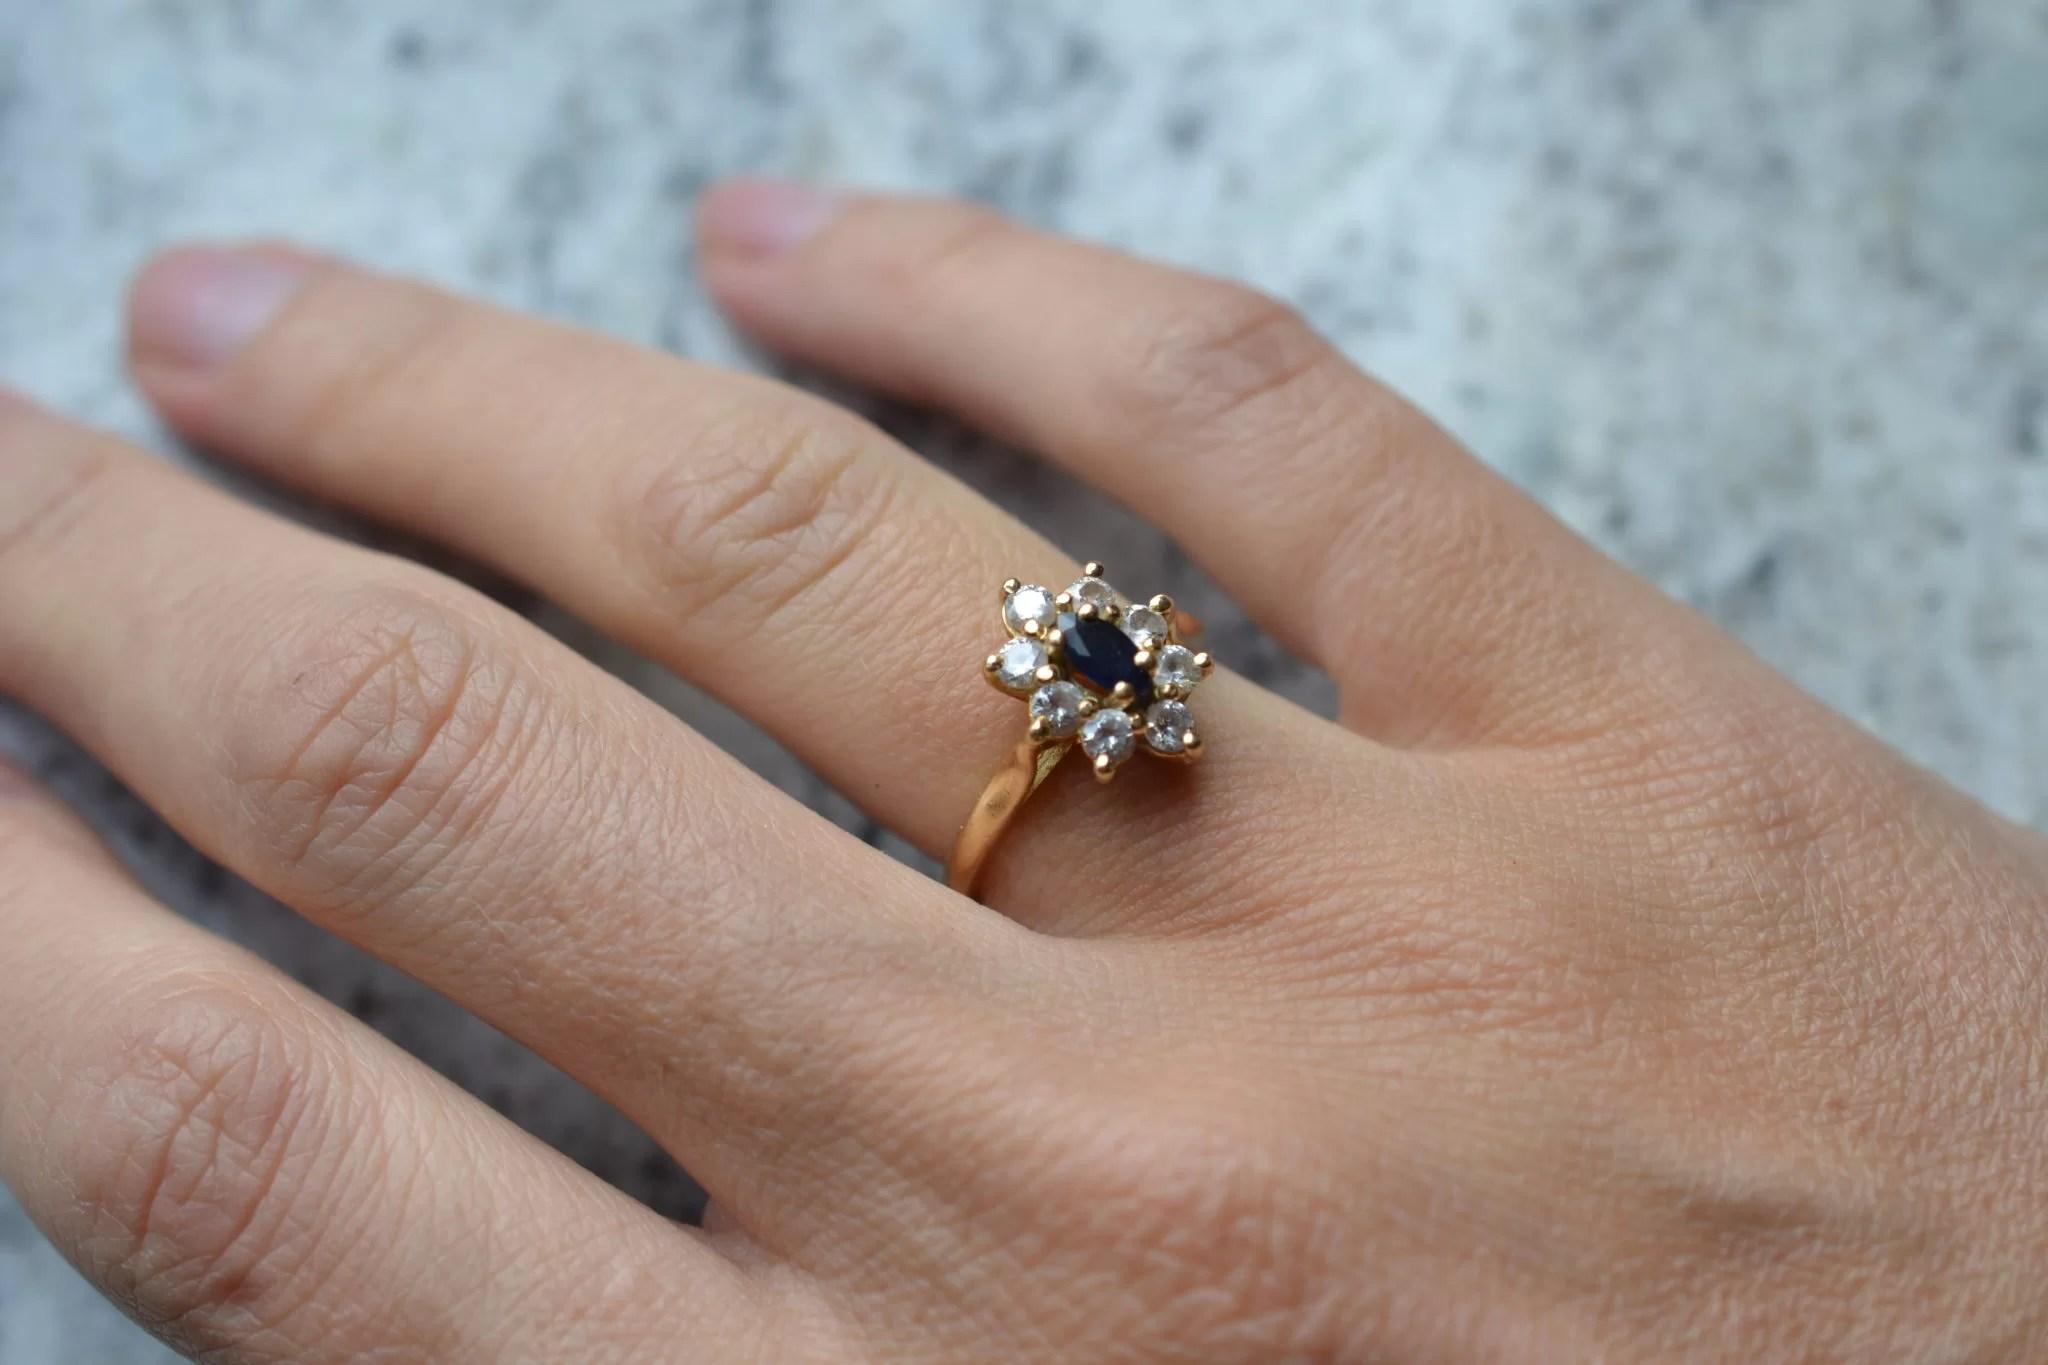 bague ancienne marguerite en Or et saphir - Or 18 carats - noircarat.fr - bgaue fiançailles mariage zero déchet